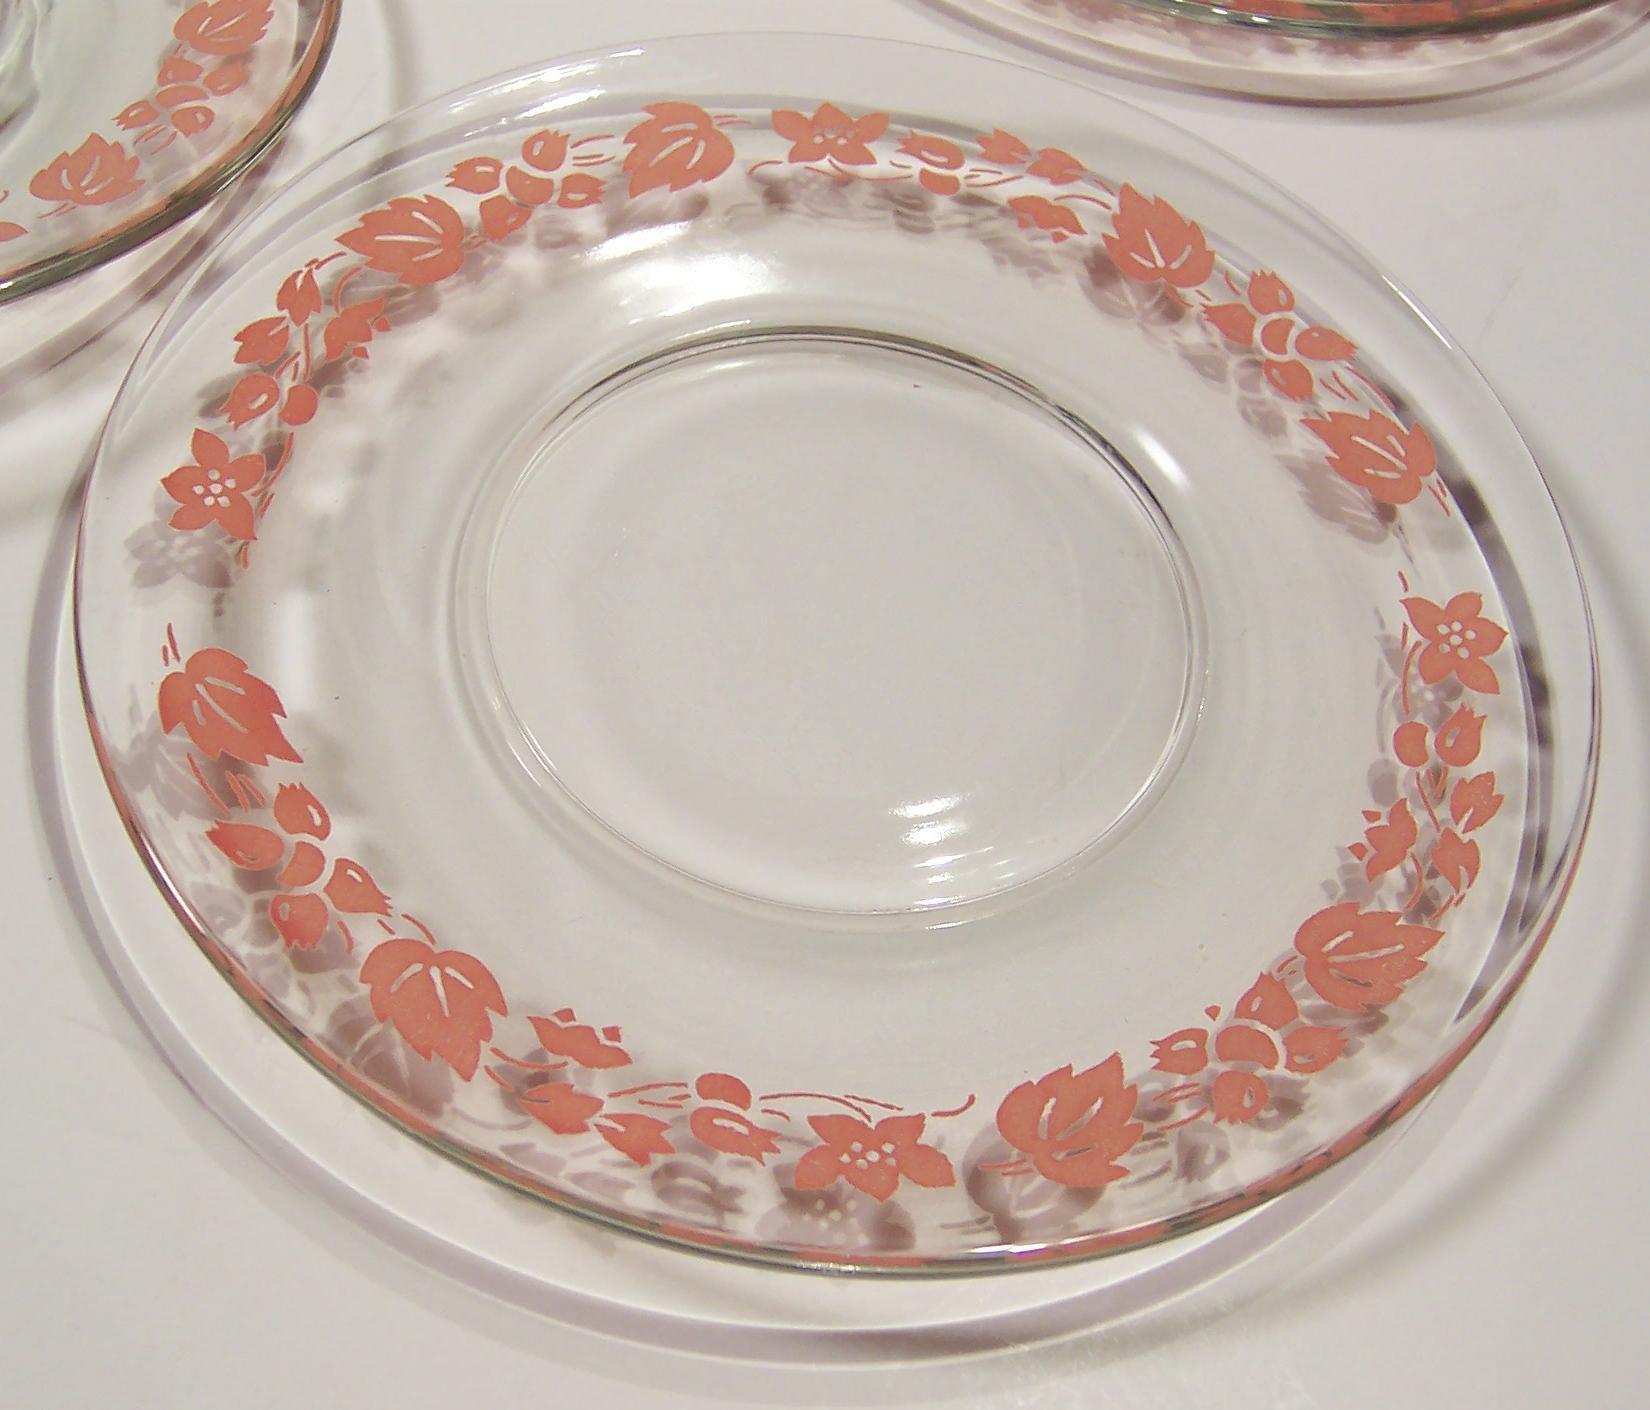 Glass Dinner Plates  Dinner Plate Ideas & Dinner Plate I Perfect Dinner Plate